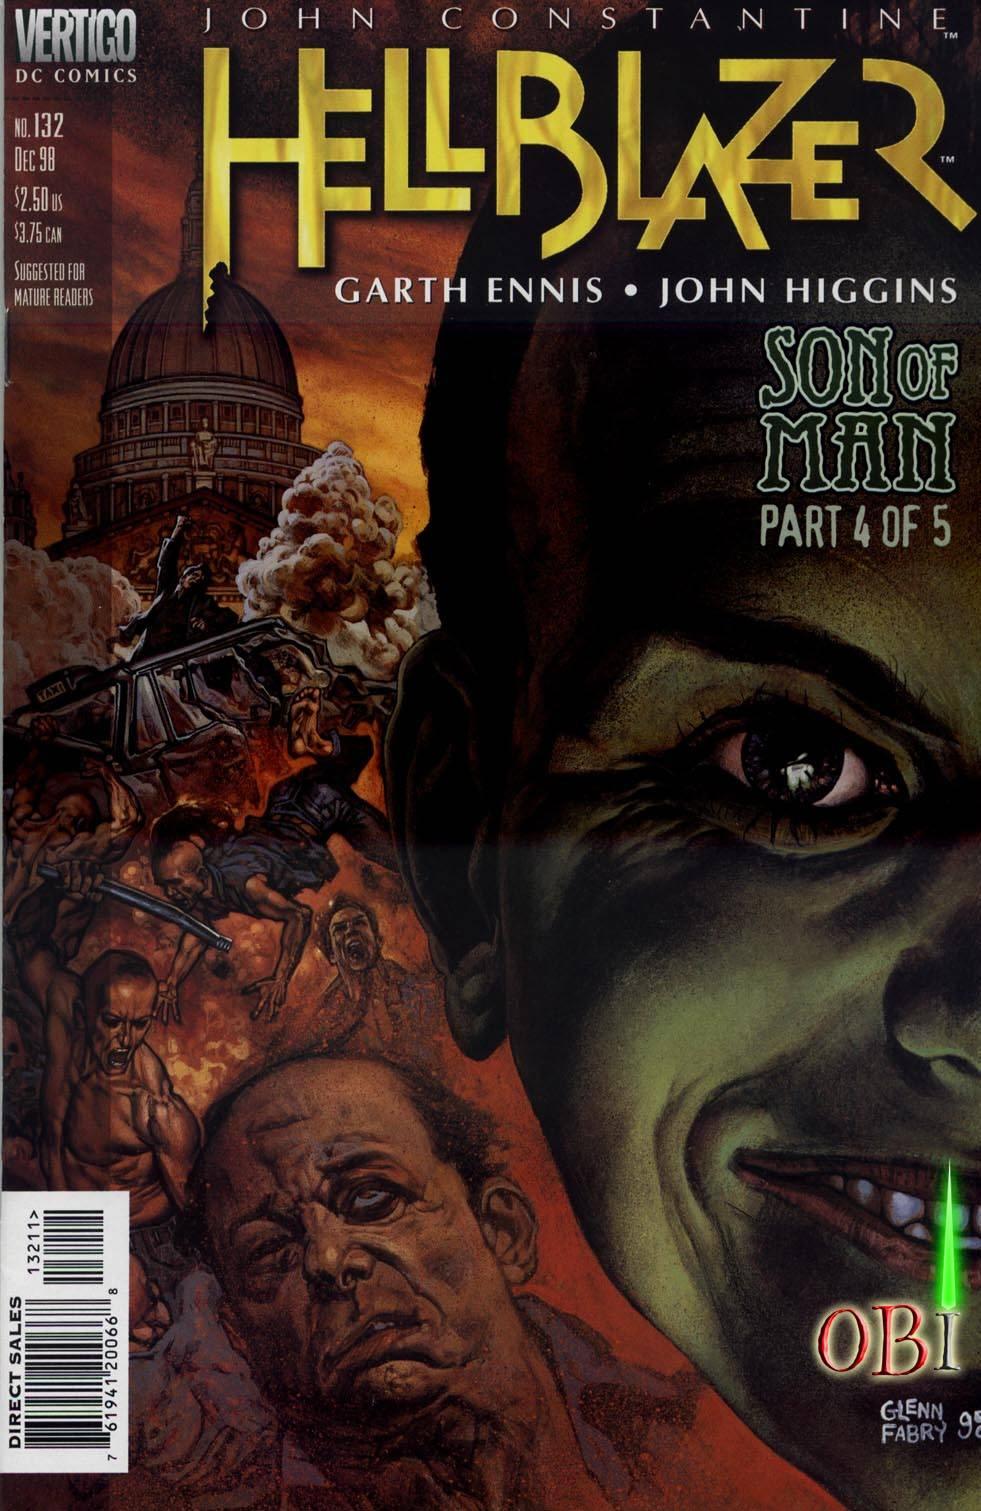 Джон Константин: Посланник ада №132 онлайн